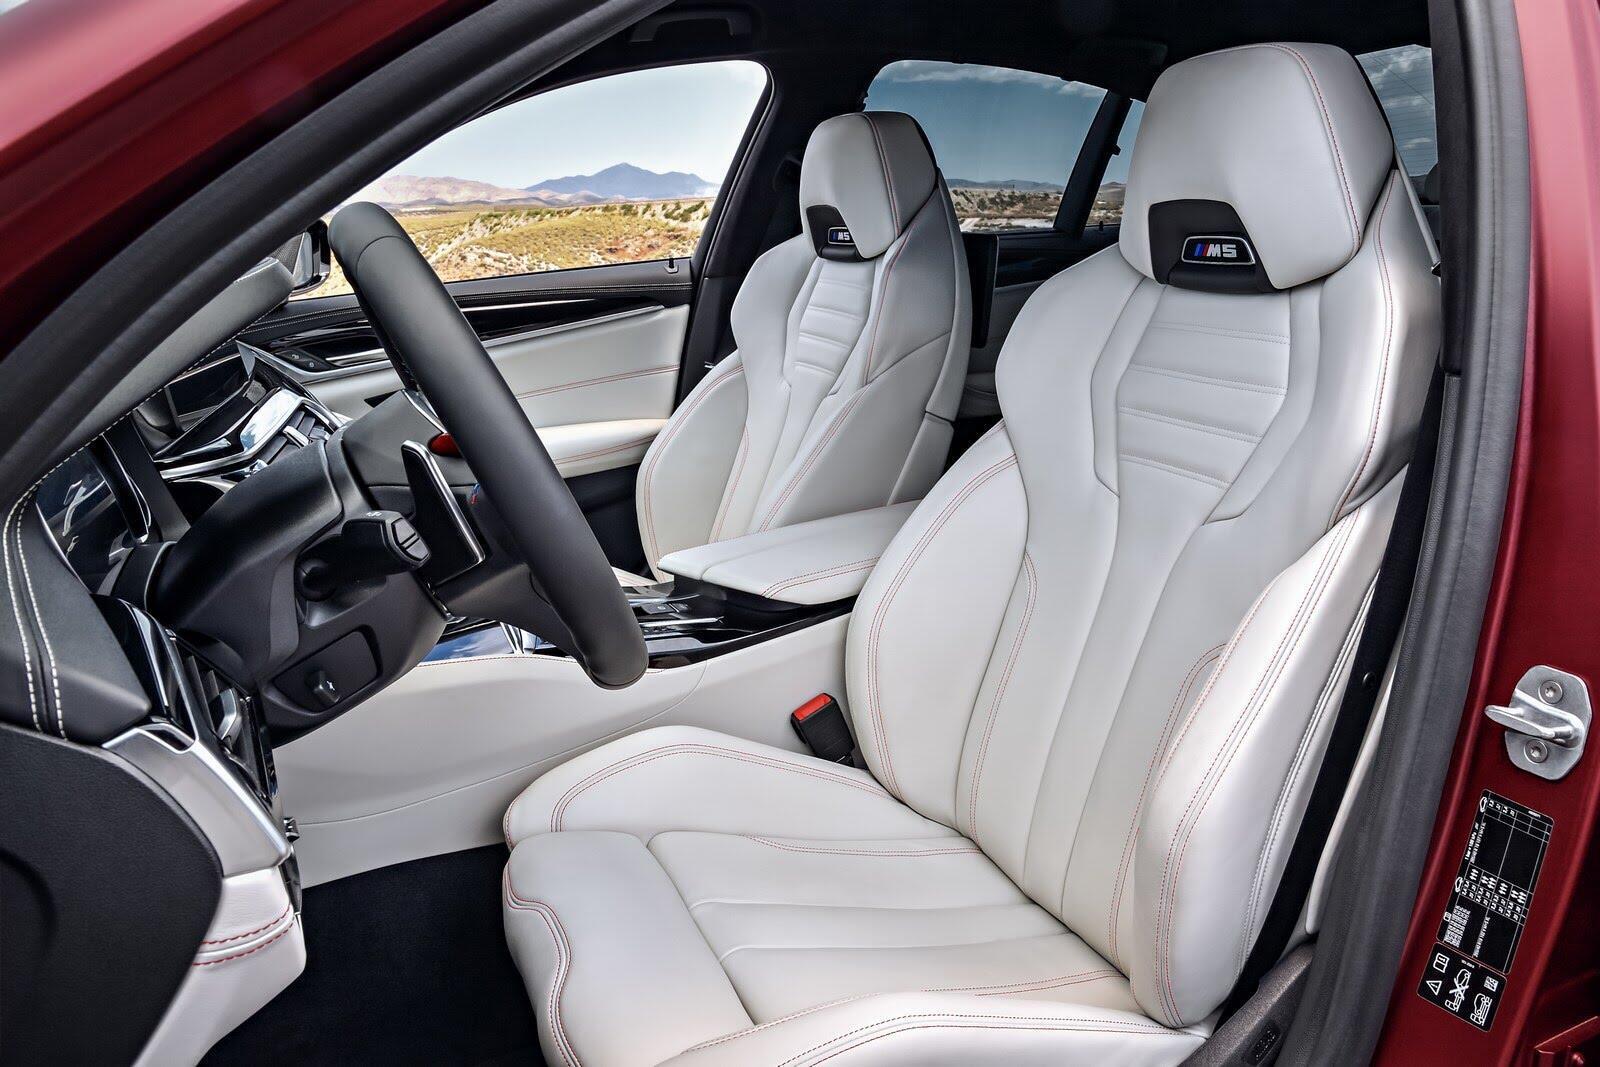 BMW M5 2018 chính thức trình làng với 600 mã lực - Hình 13